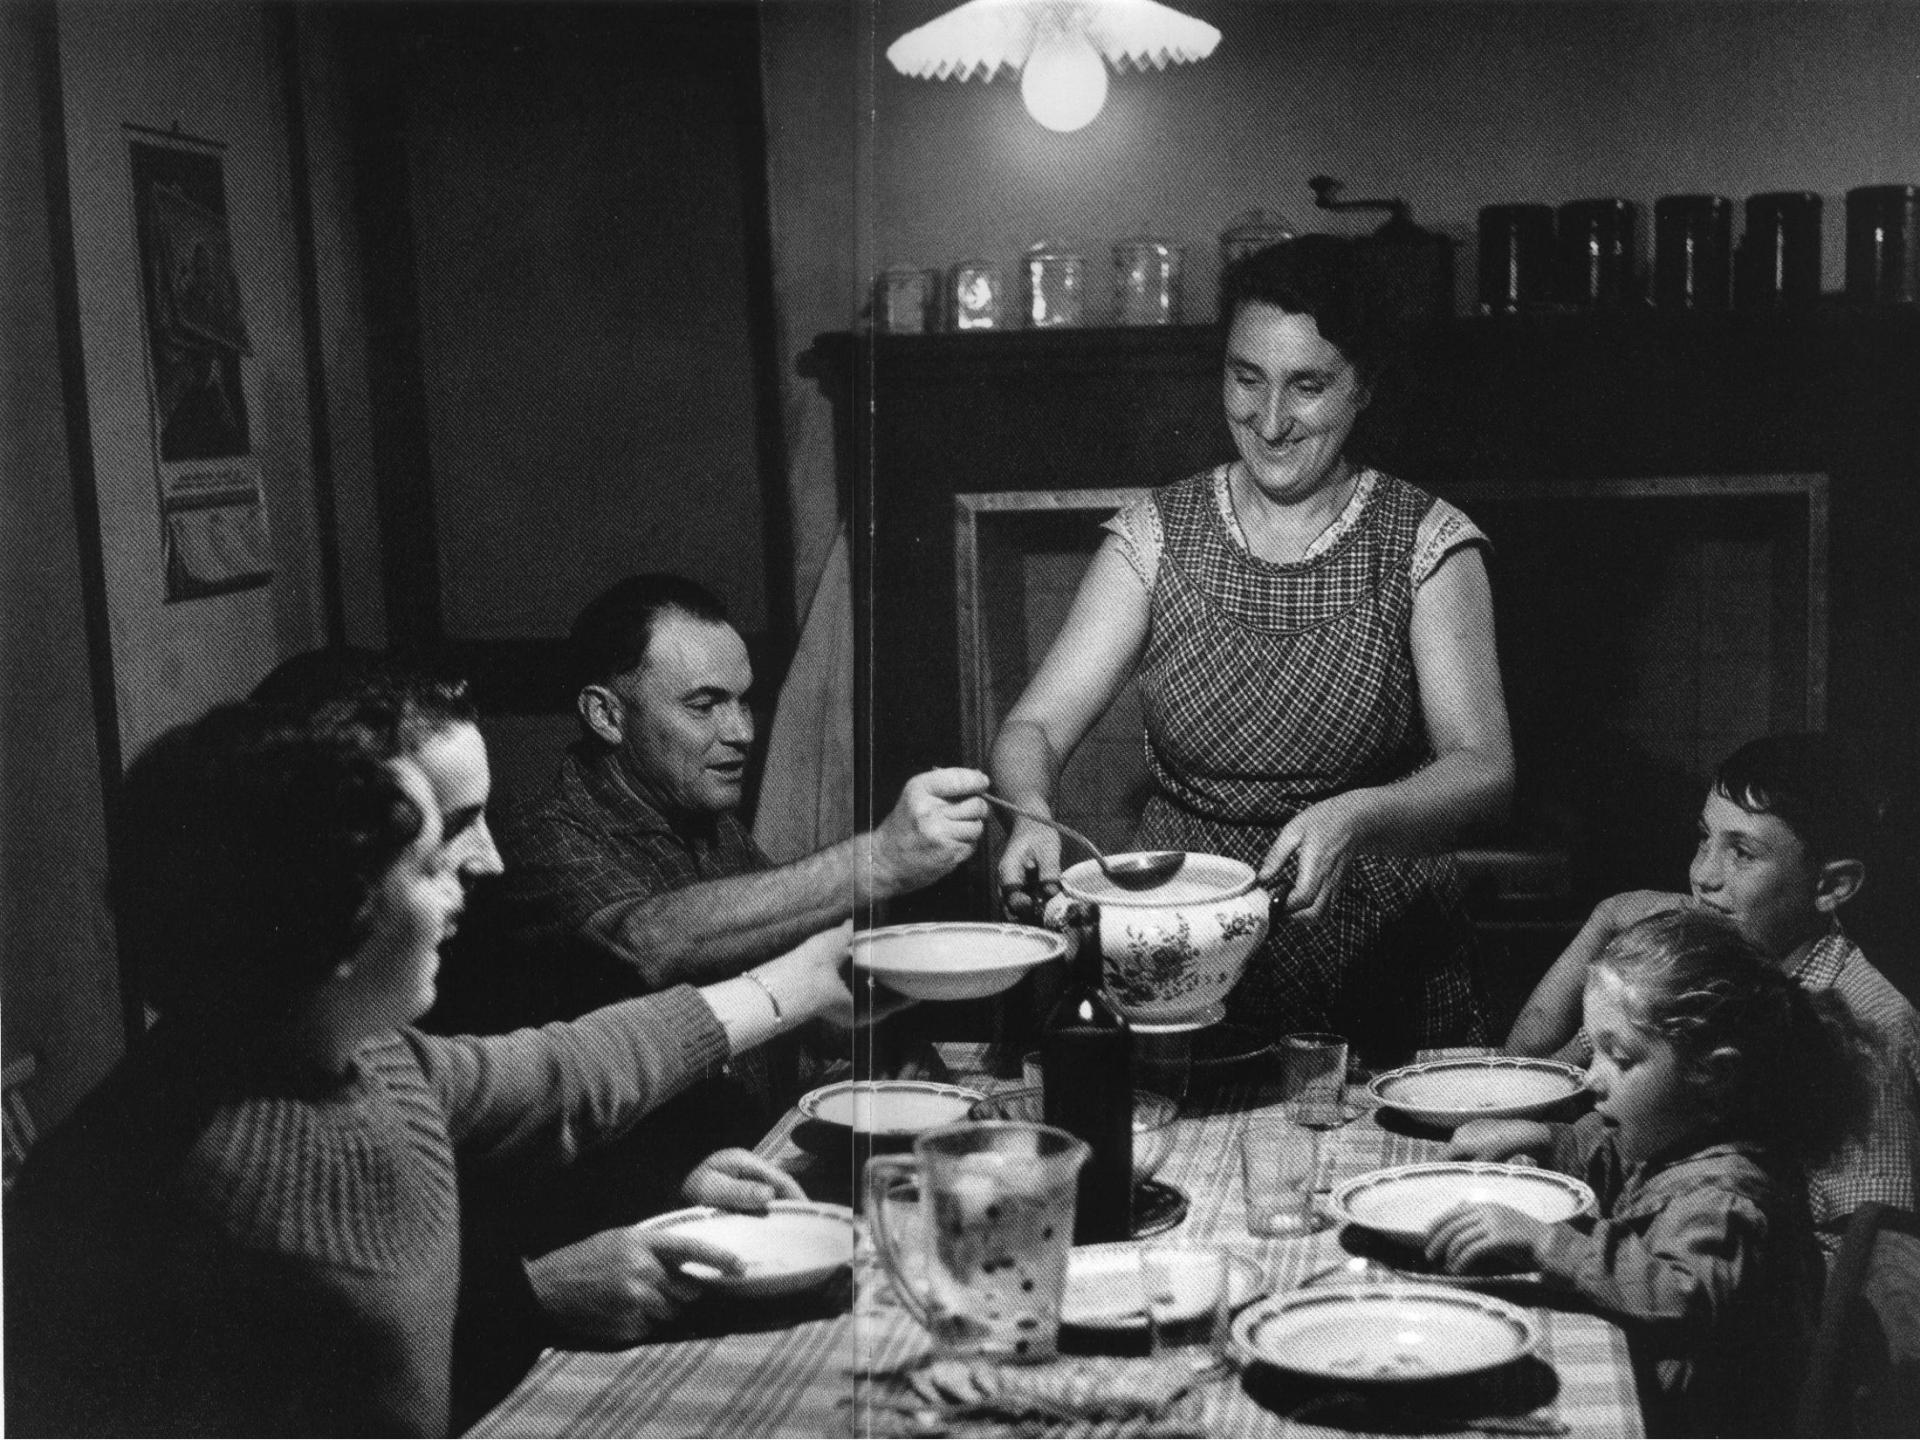 La soupe chez des fermiers le brillac charente 1957 janine niepce